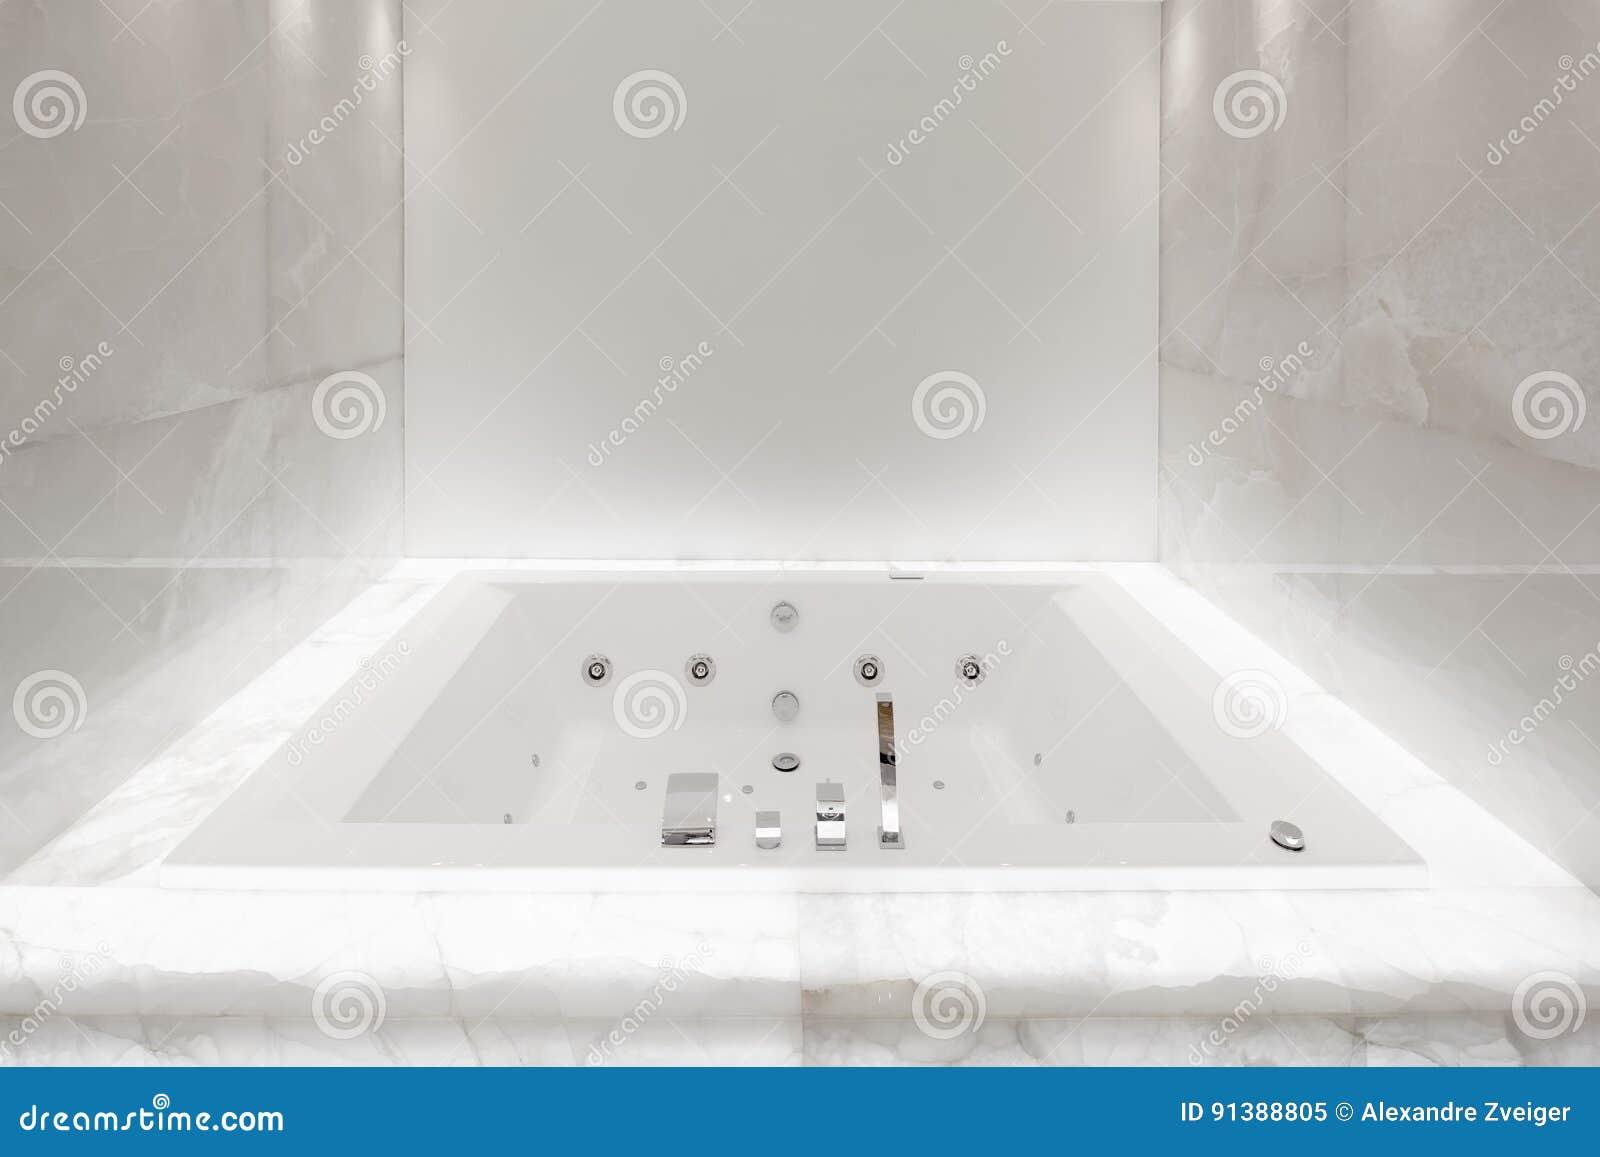 la grande baignoire dans la salle de bains a allumé le marbre